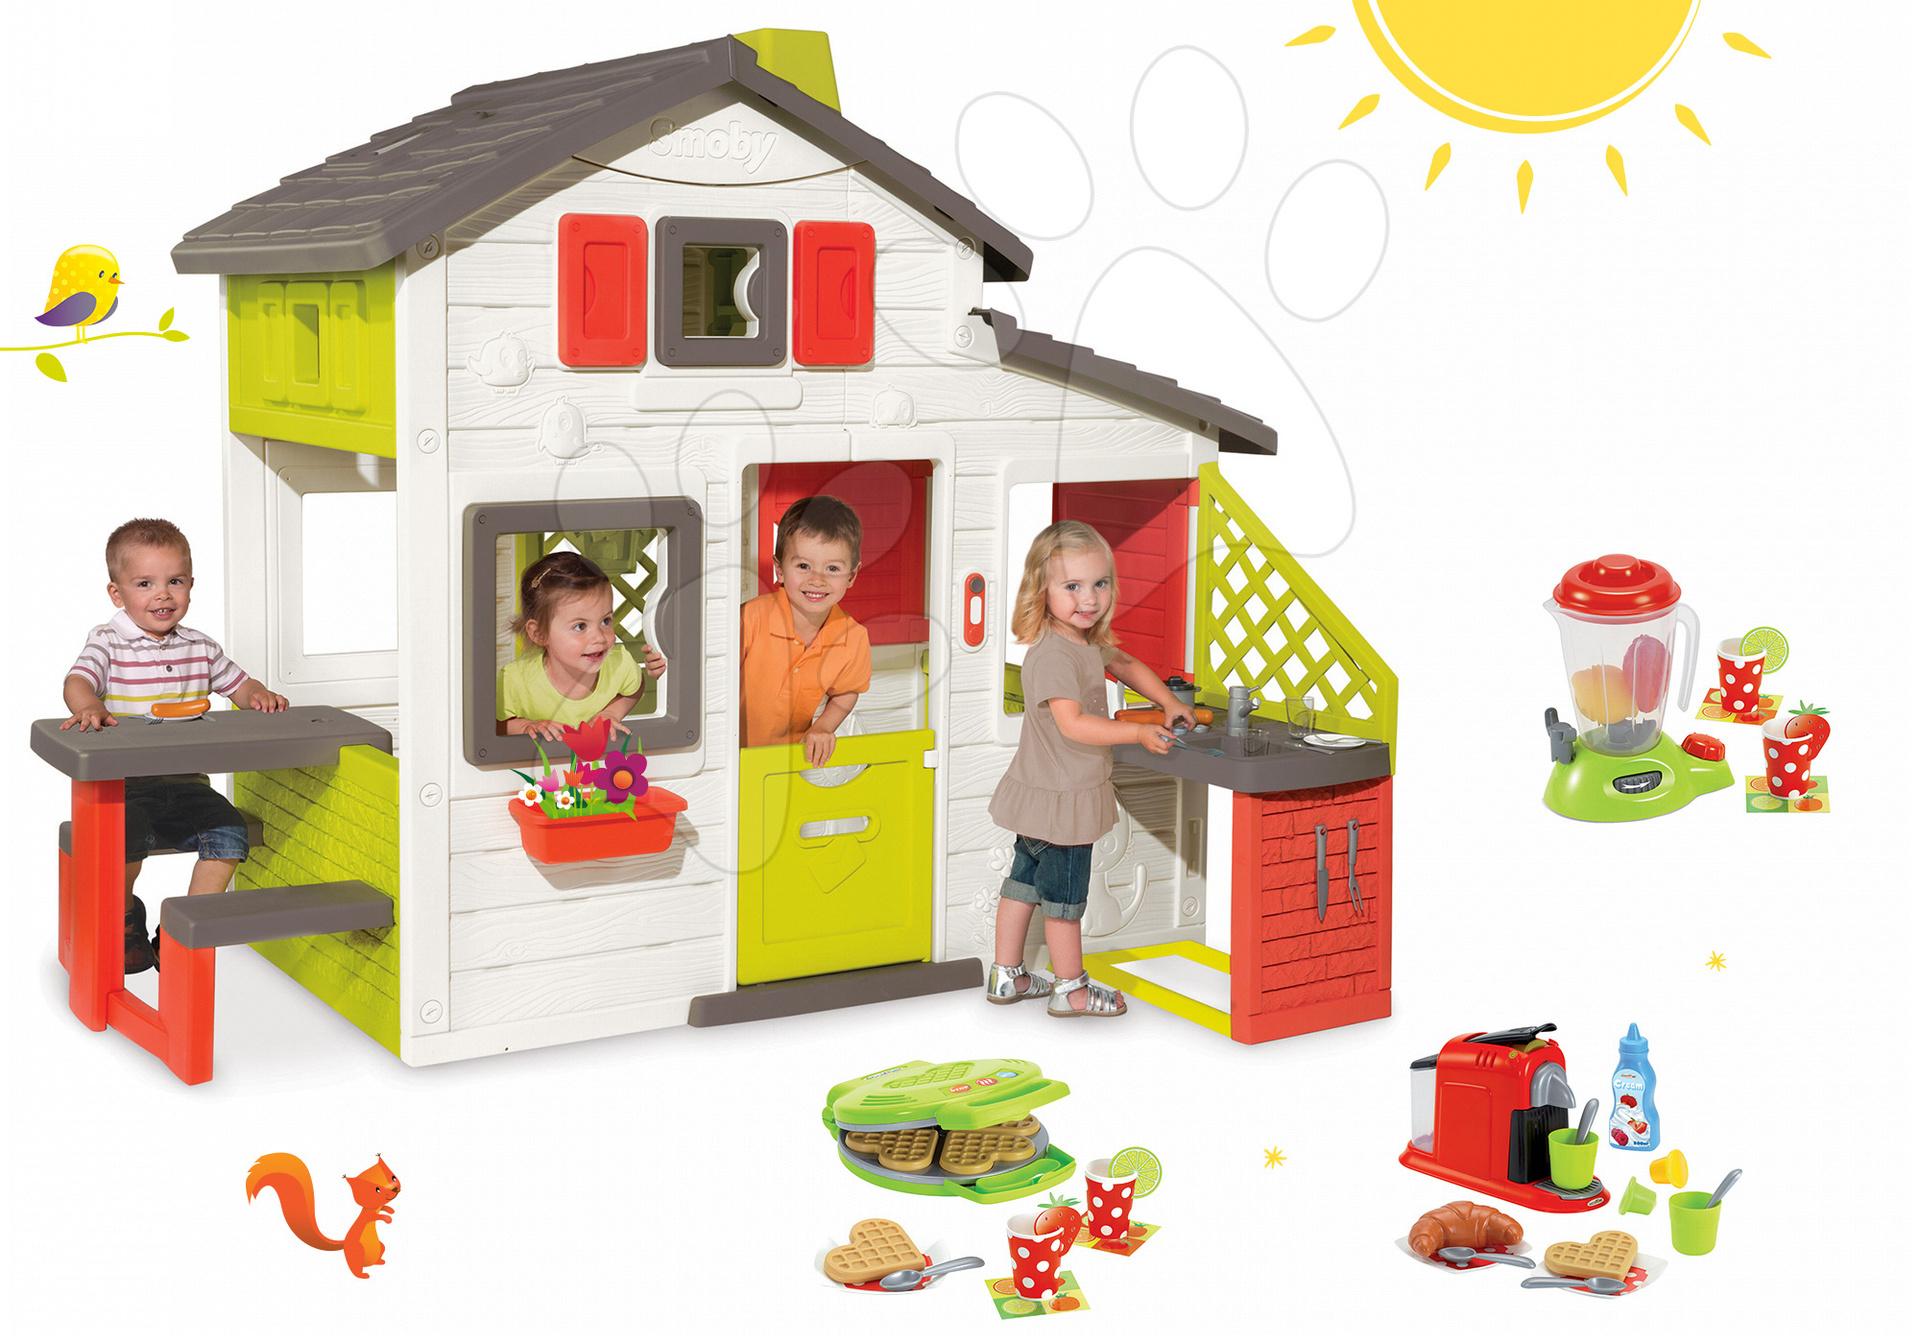 Szett házikó Barátok Smoby konyhasarokkal, csengővel és gofrisütő turmixgéppel, kávéfőzővel és gofrikkal